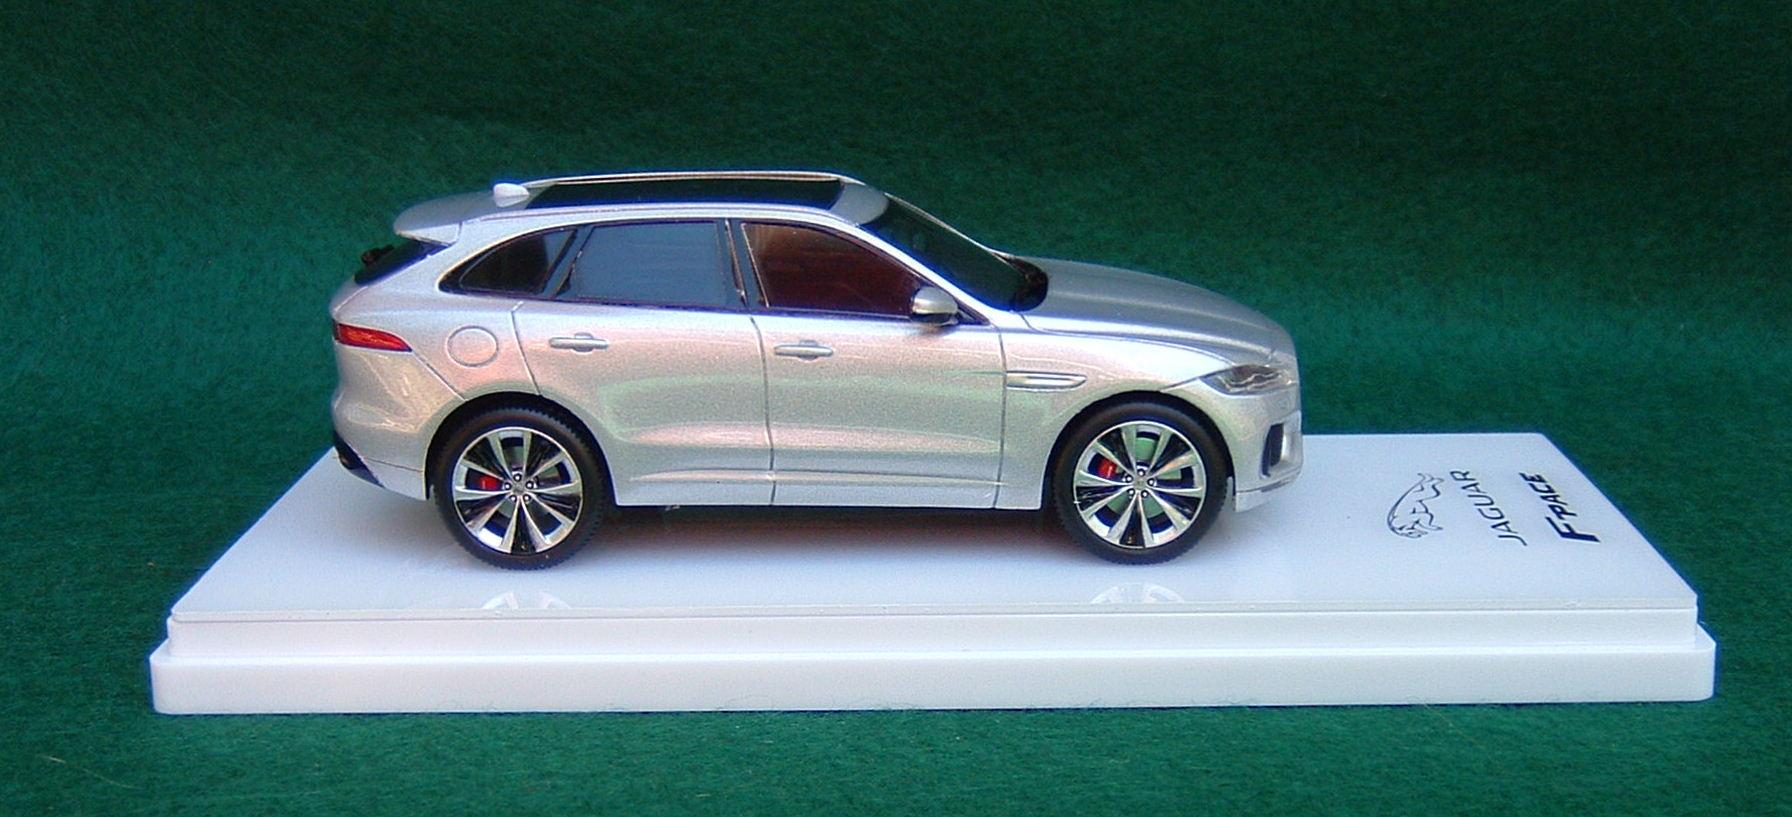 Jaguar F Pace White Interior >> TSM Jaguar F Pace | MAR Online